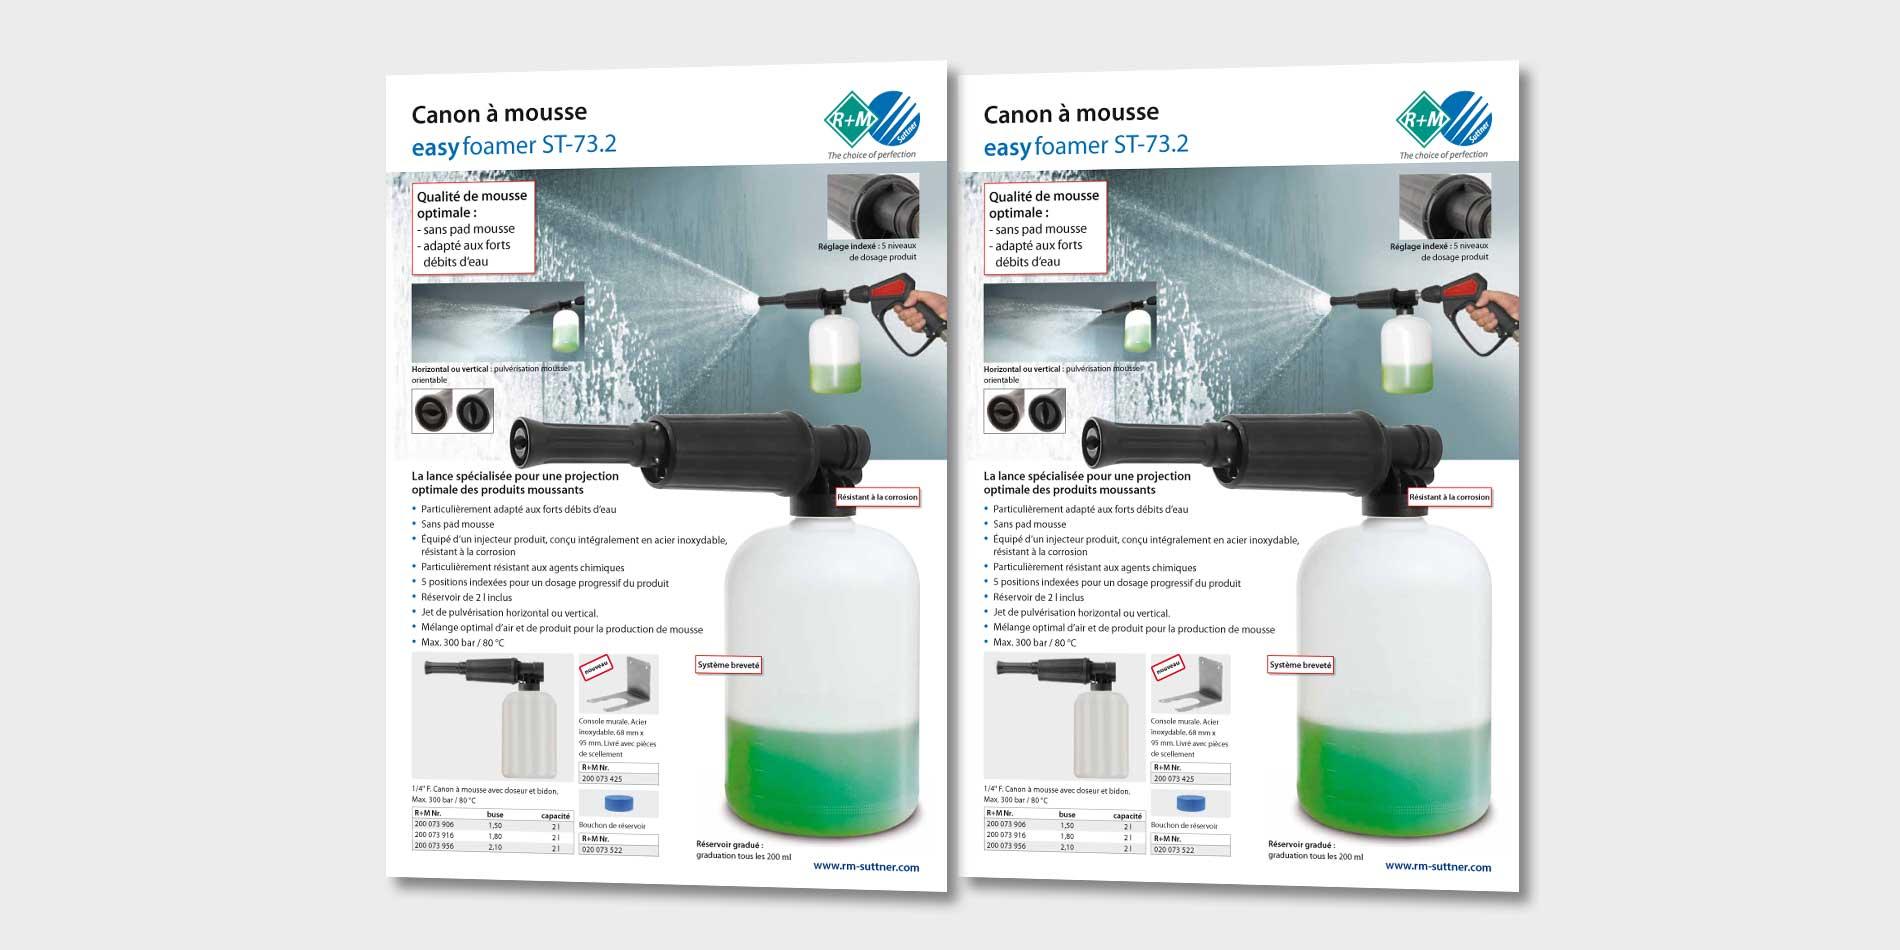 Canon à mousse ST-73.2 easy foamer